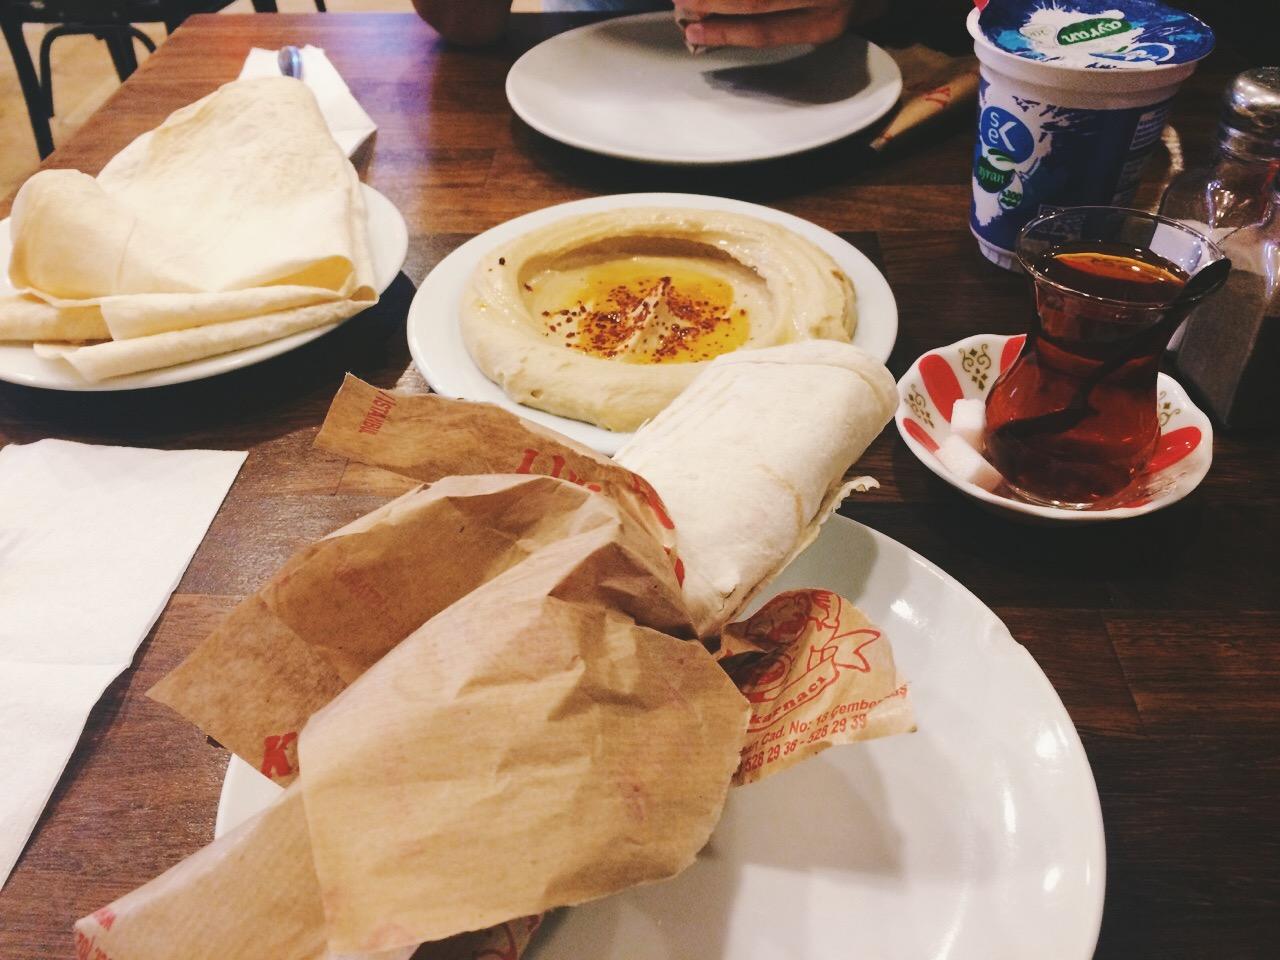 Стоповер в Стамбуле. День 3: Фалафель и хумус